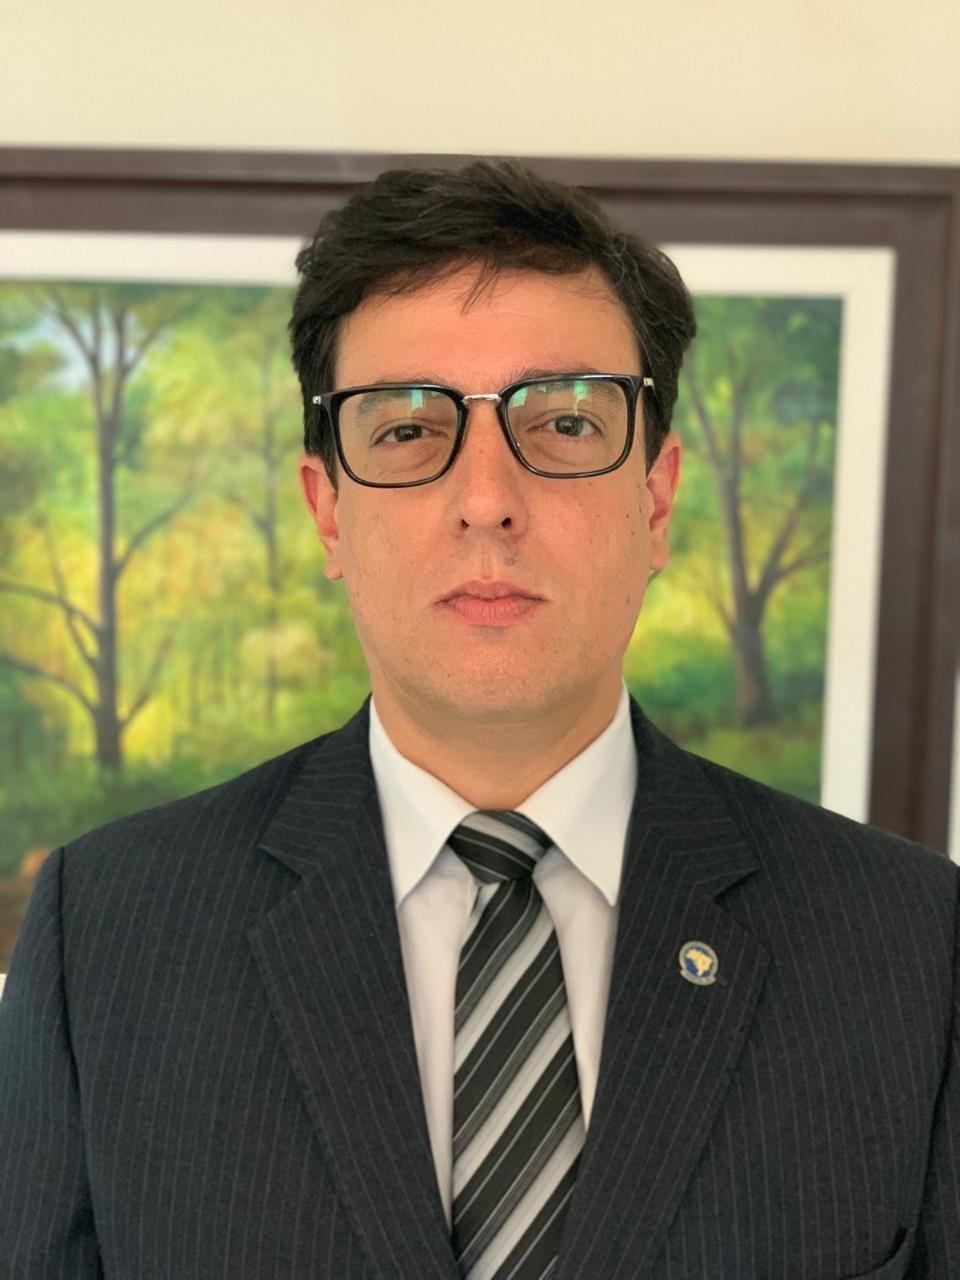 Adelmo Pelágio de Andrade Filho